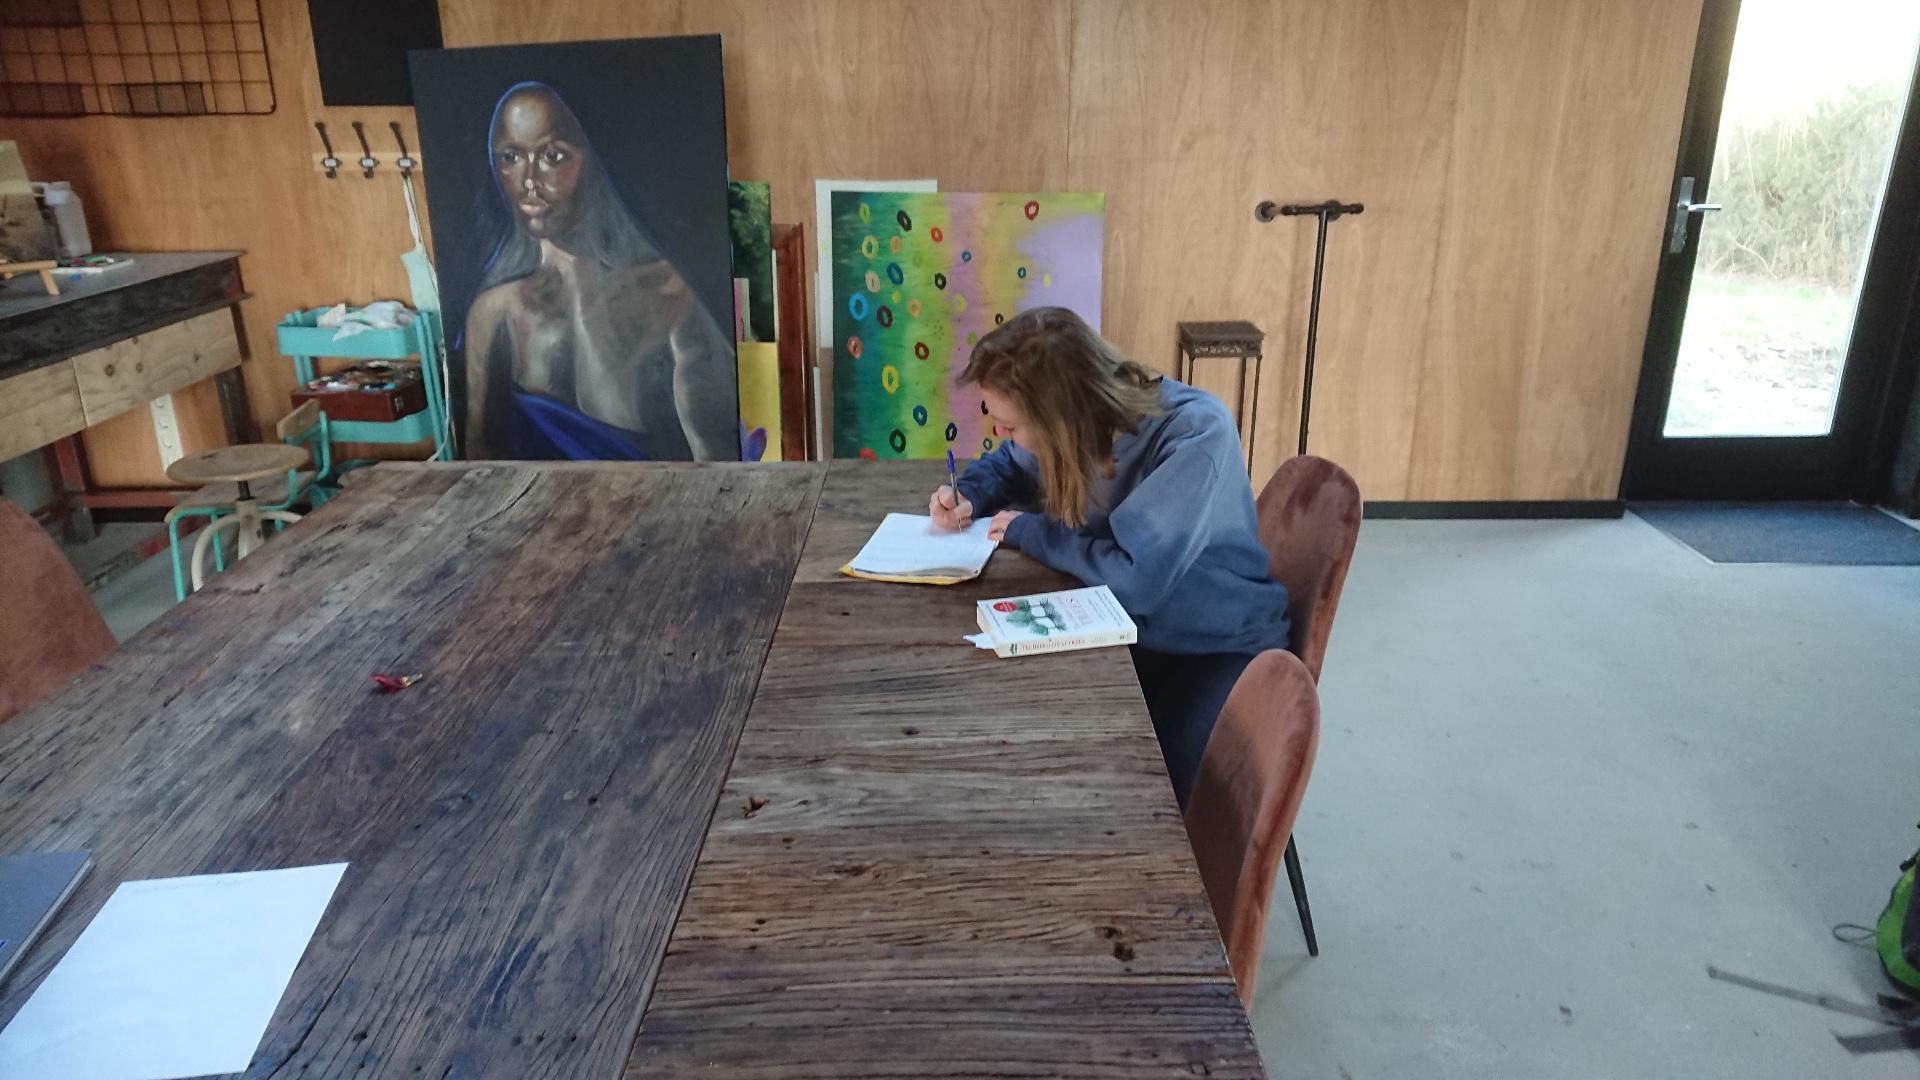 'Mijmeraarster' Nikki Theeuwes aan het werk in het Tortelnest'